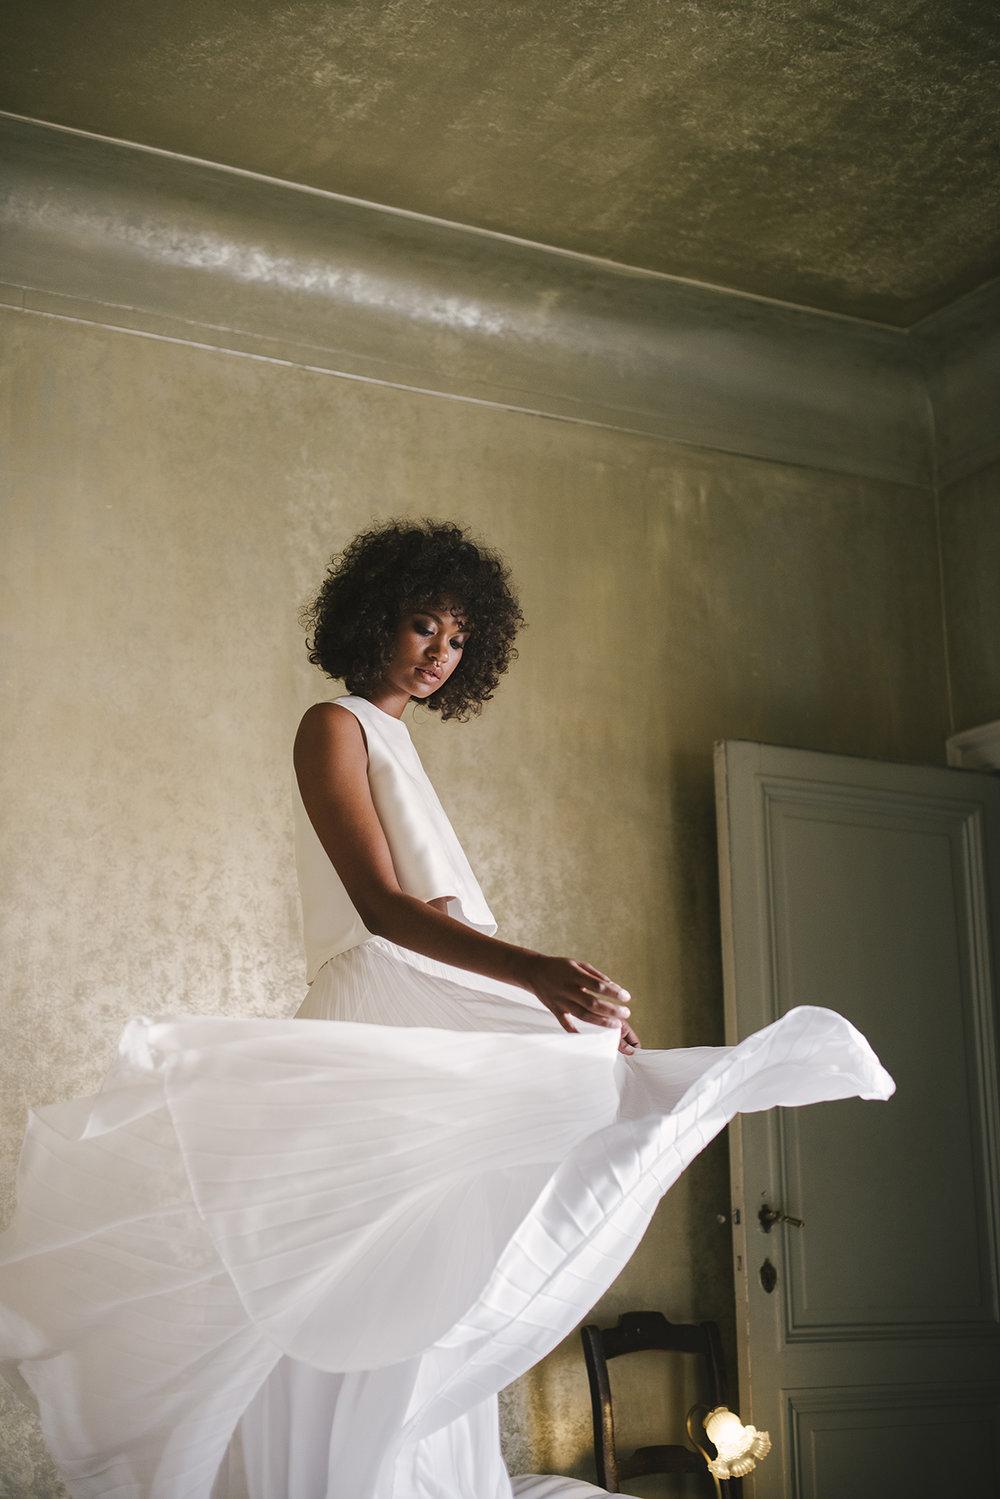 valentine-avoh-robe-mariee-ella-wedding-dress-bruxelles-photo-elodie-timmermans-49.jpg